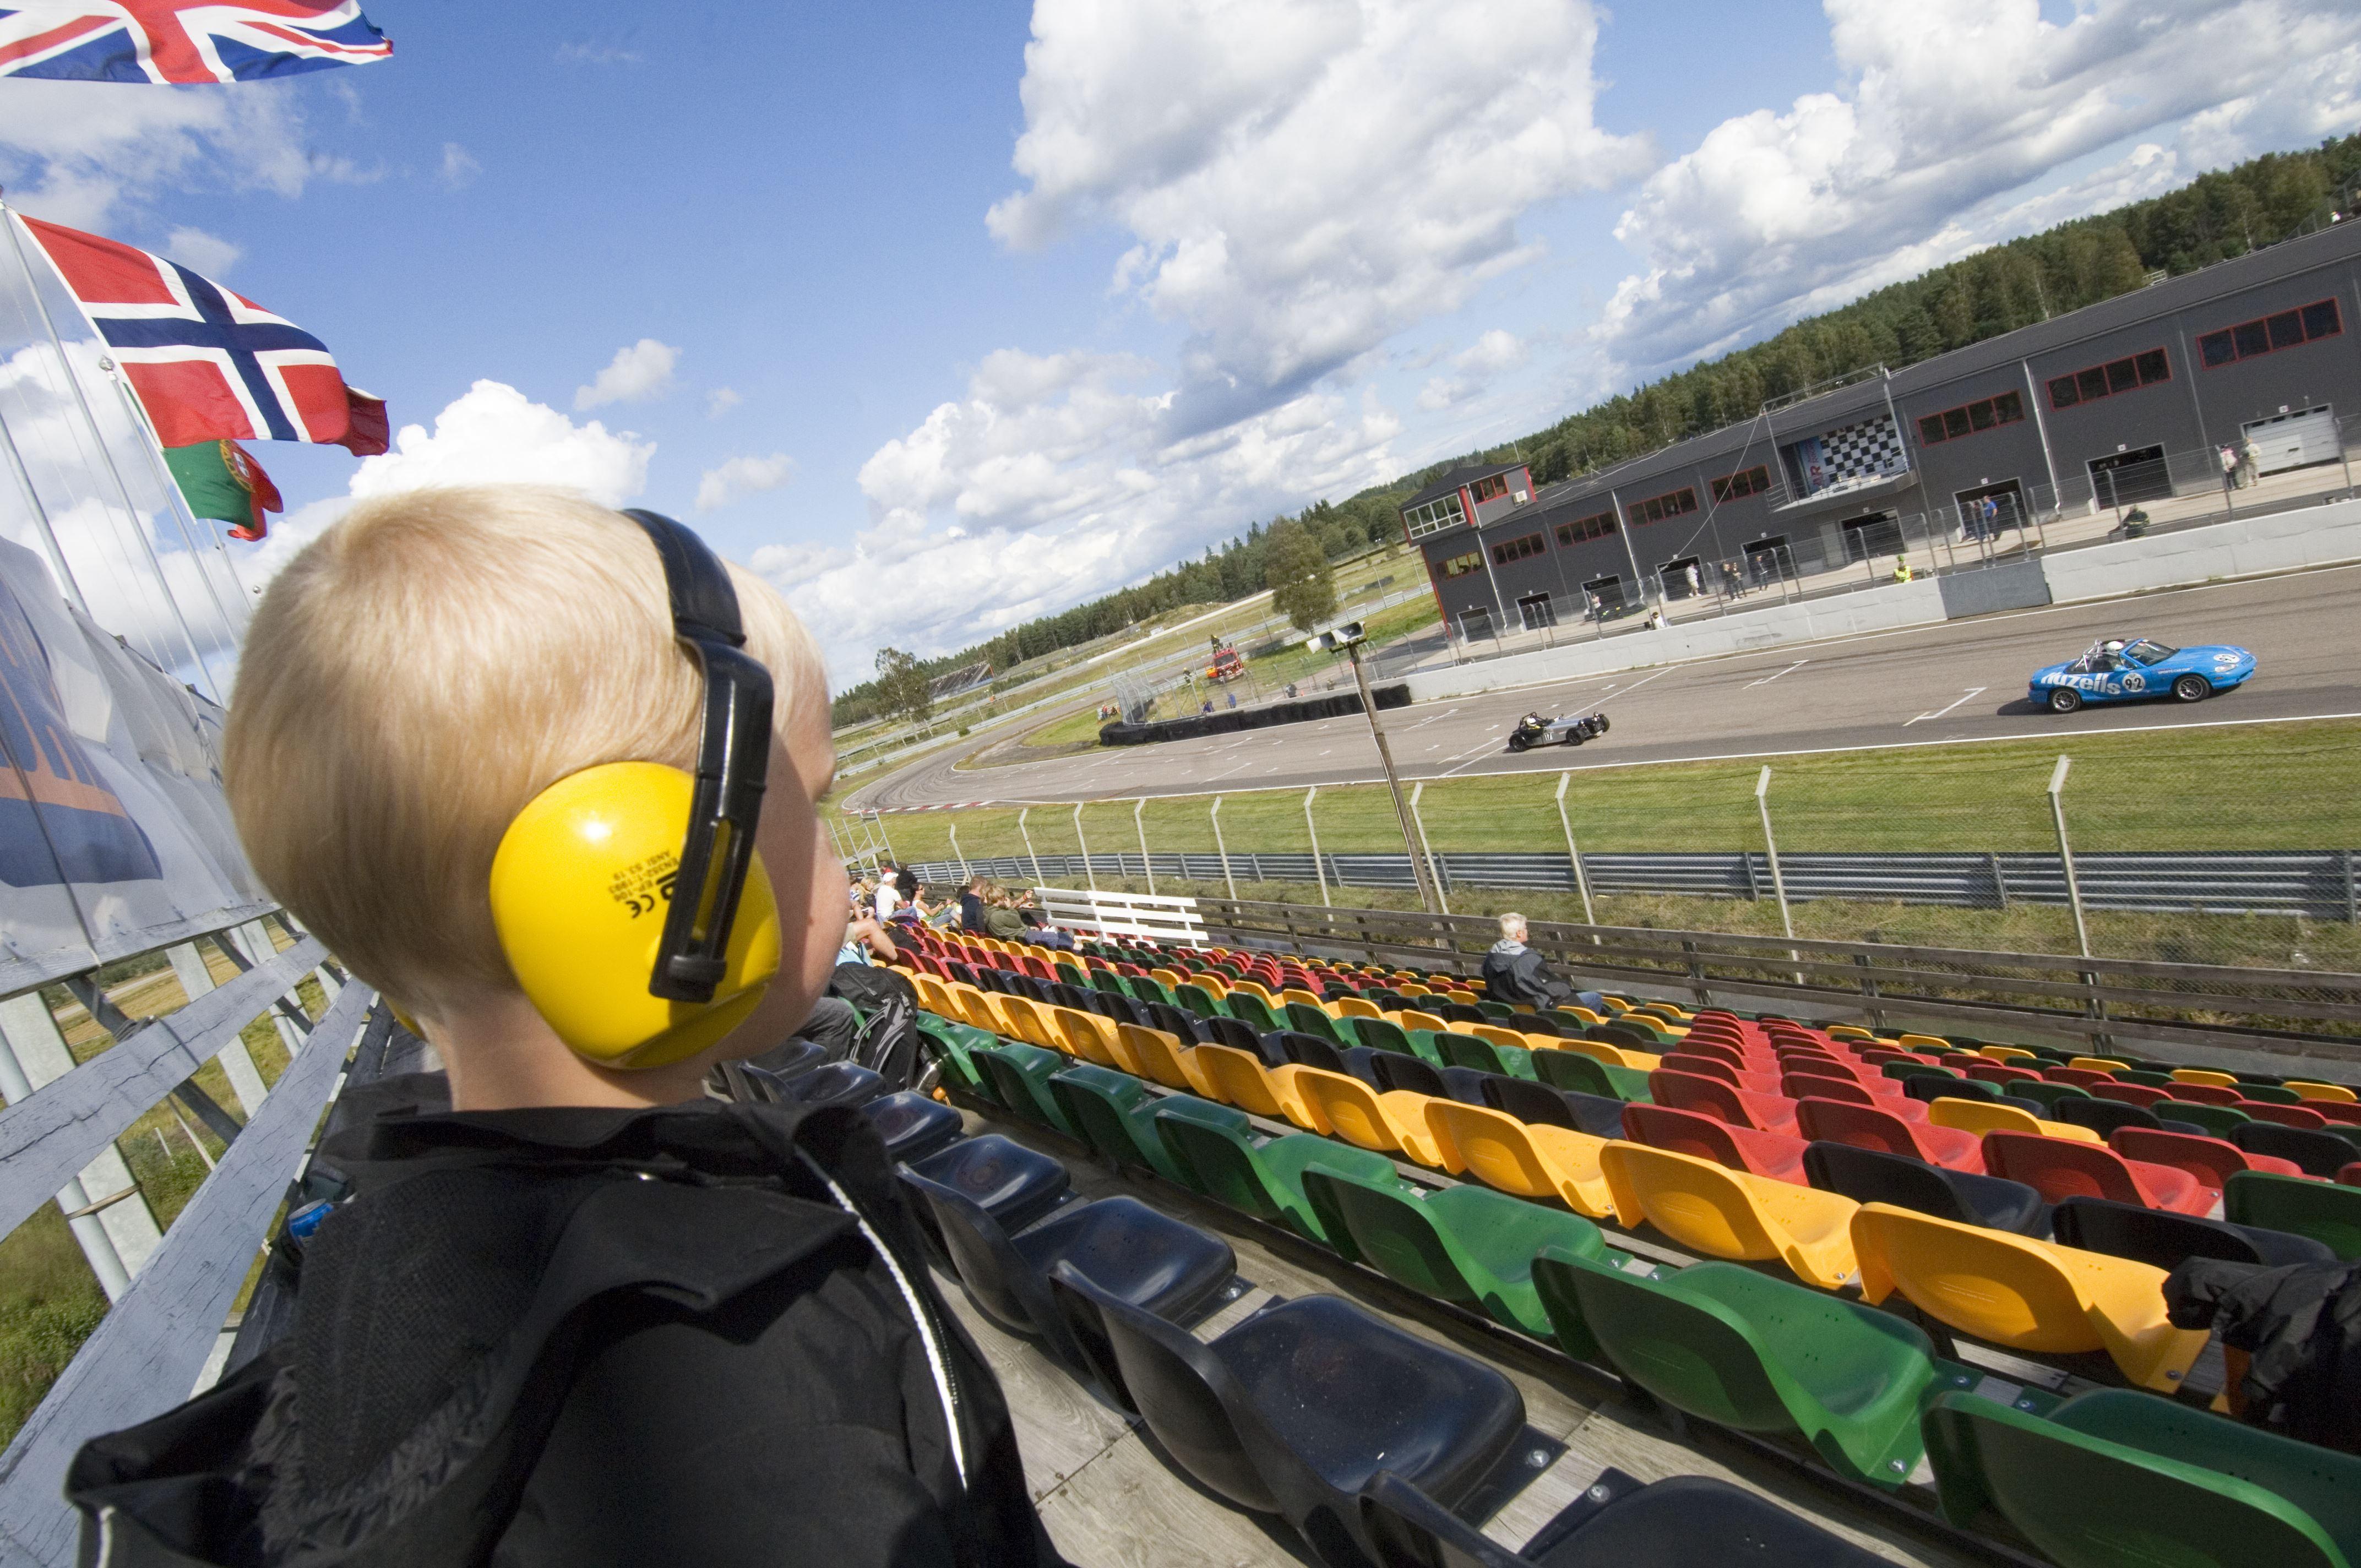 © Symbolbilder.se, Anderstorp Raceway